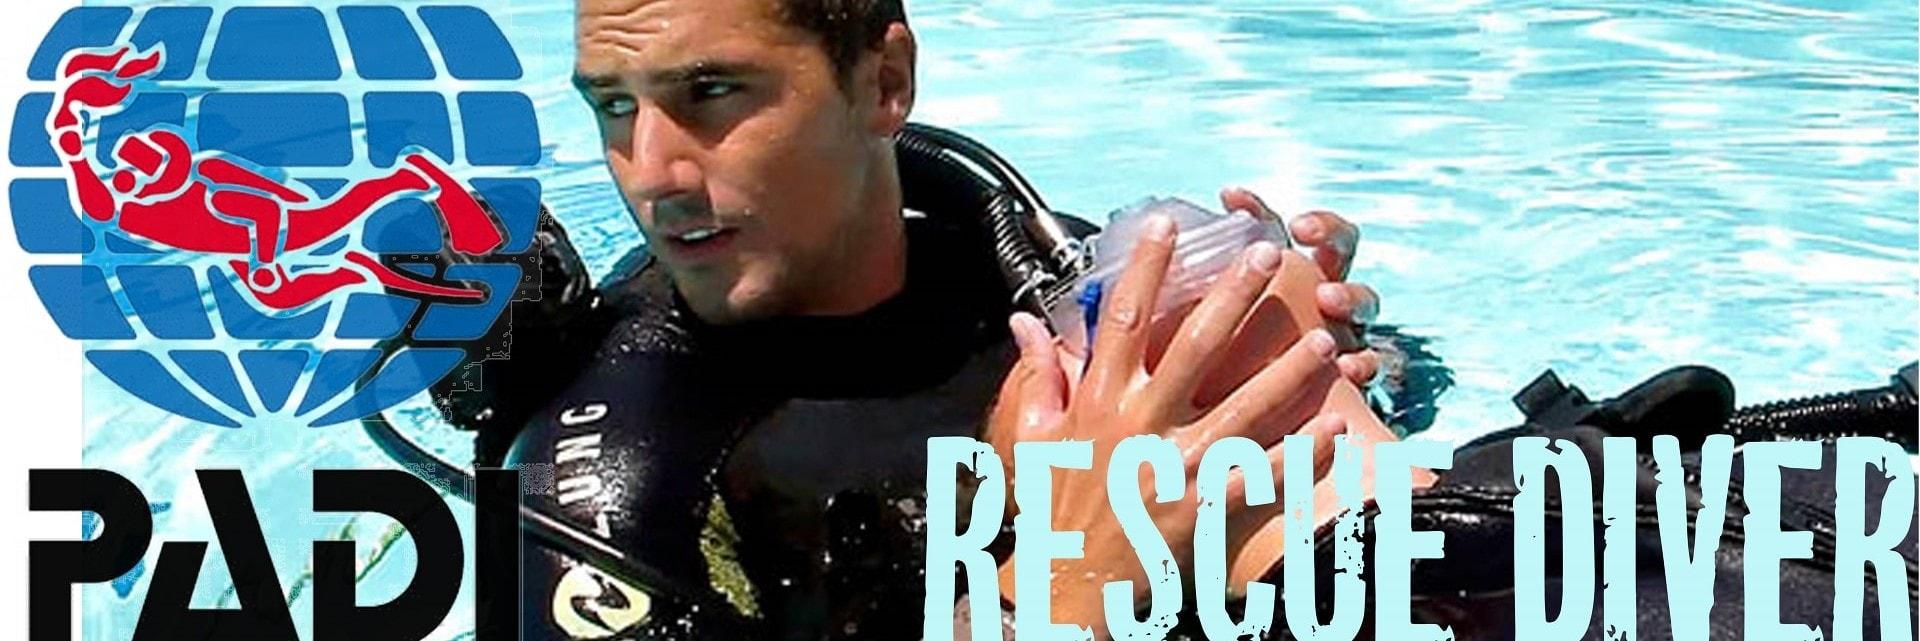 Jack's Diving Locker Rescue Diver Course